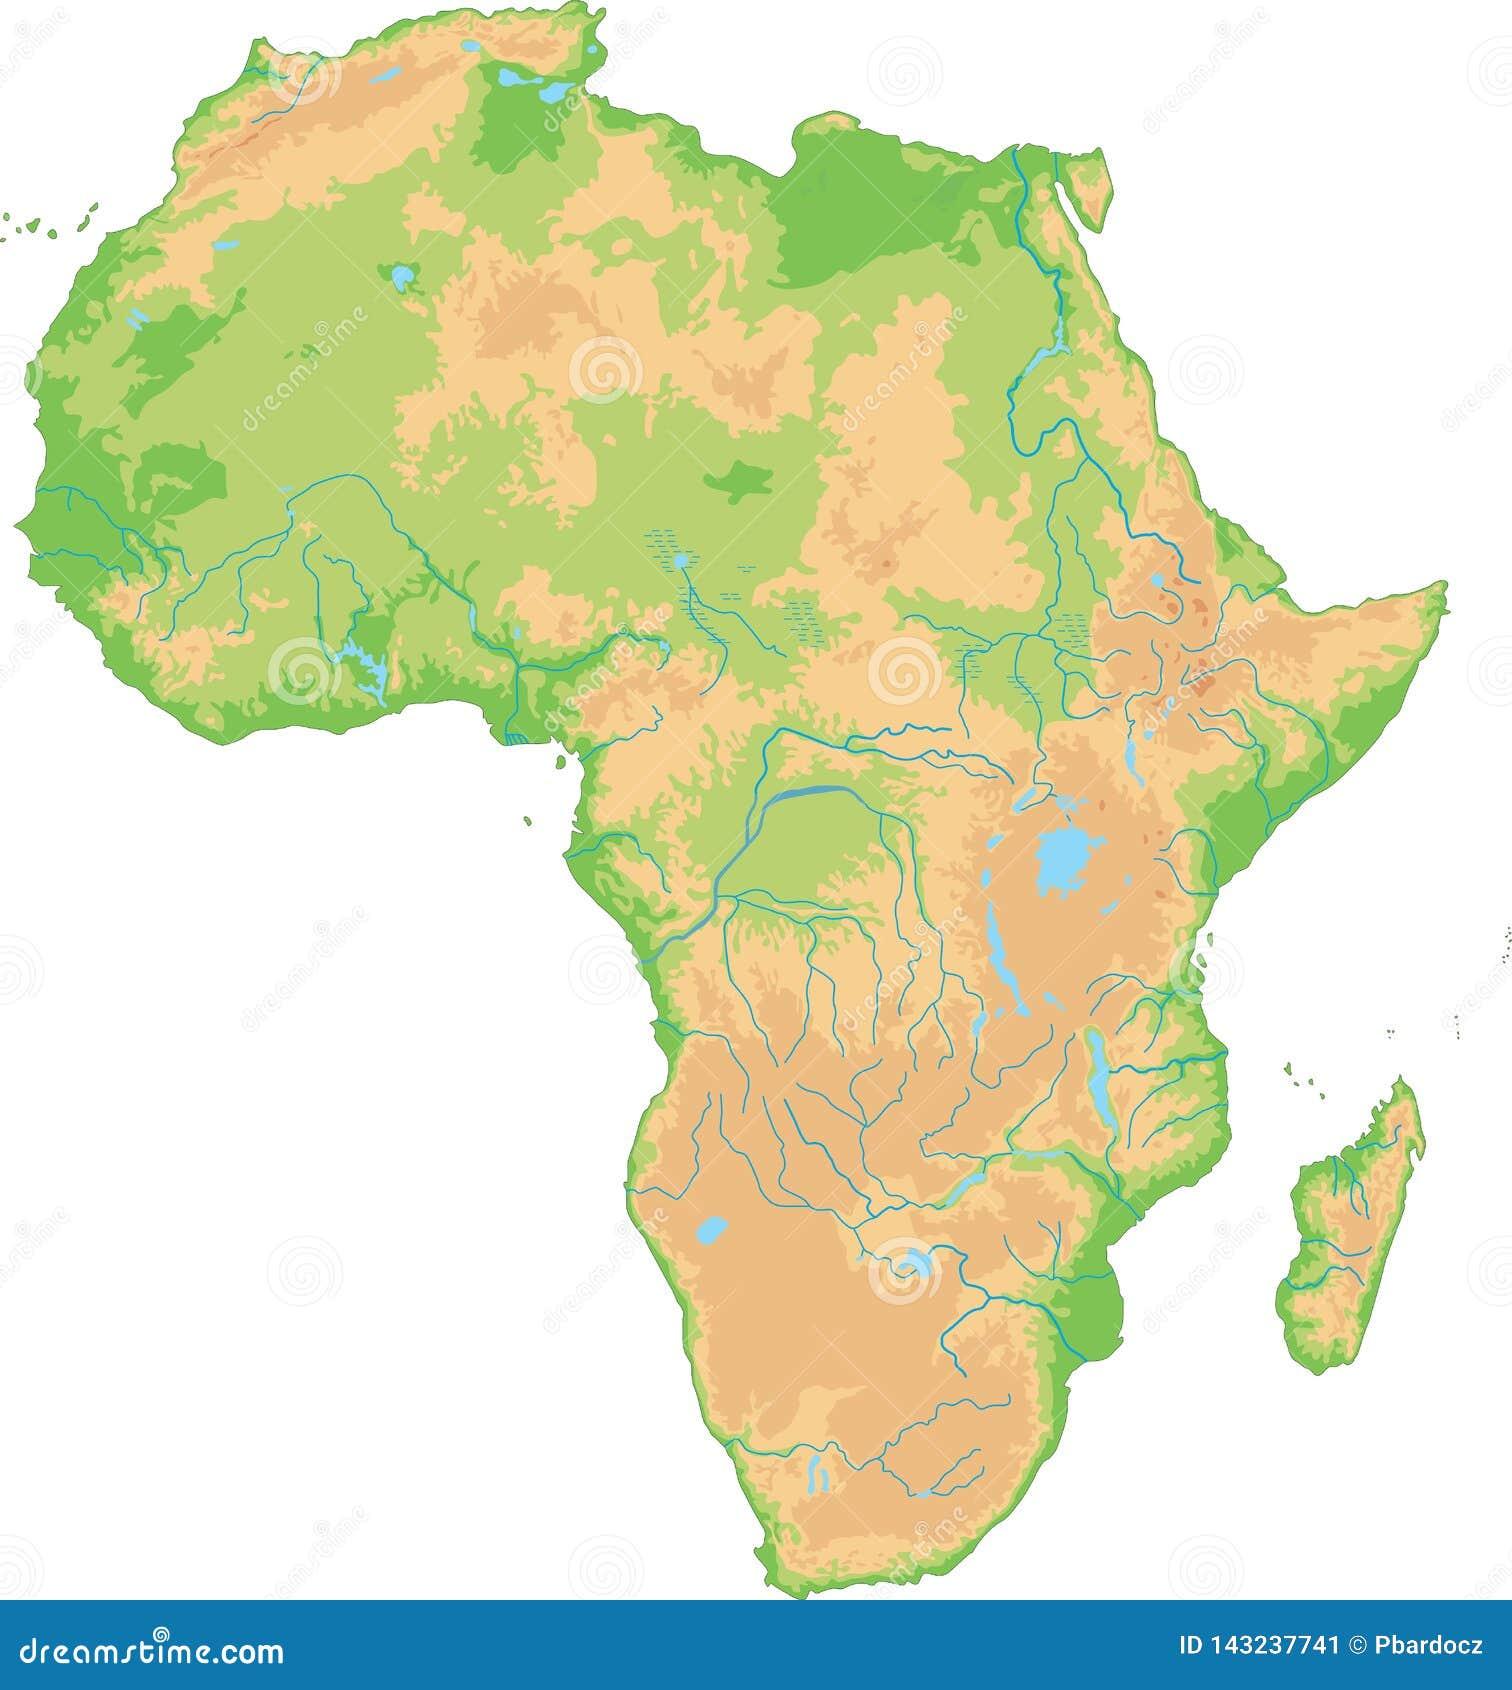 Cartina Dell Africa Fisica E Politica.Alta Mappa Fisica Dettagliata Dell Africa Illustrazione Vettoriale Illustrazione Di Geografia Citta 143237741